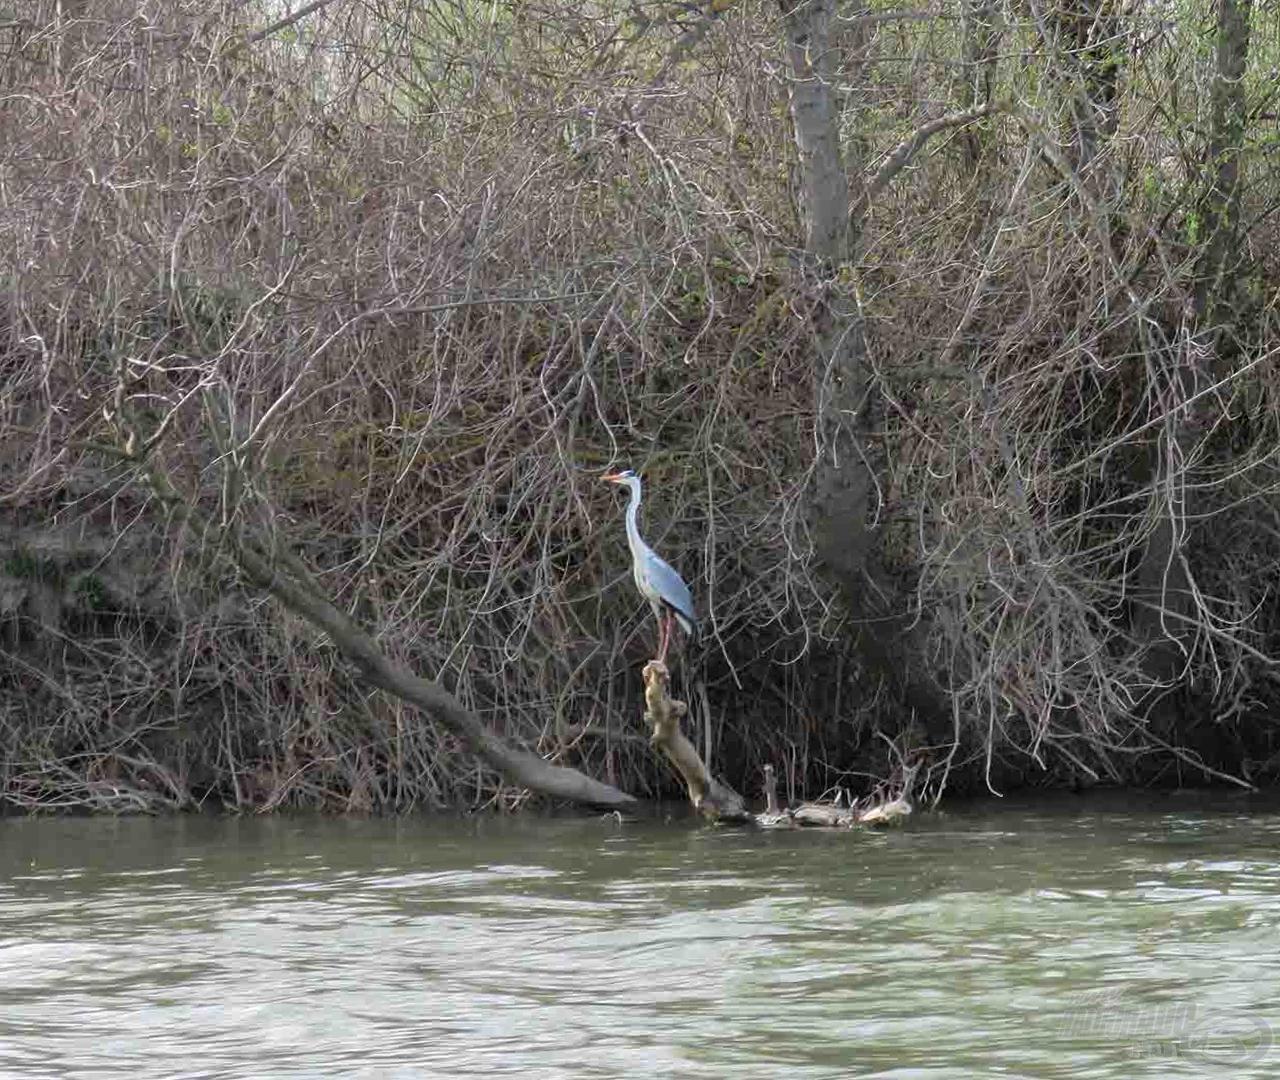 Minden évszakban imádok a folyón lenni, de tavasszal ez az érzés hatványozottan igaz